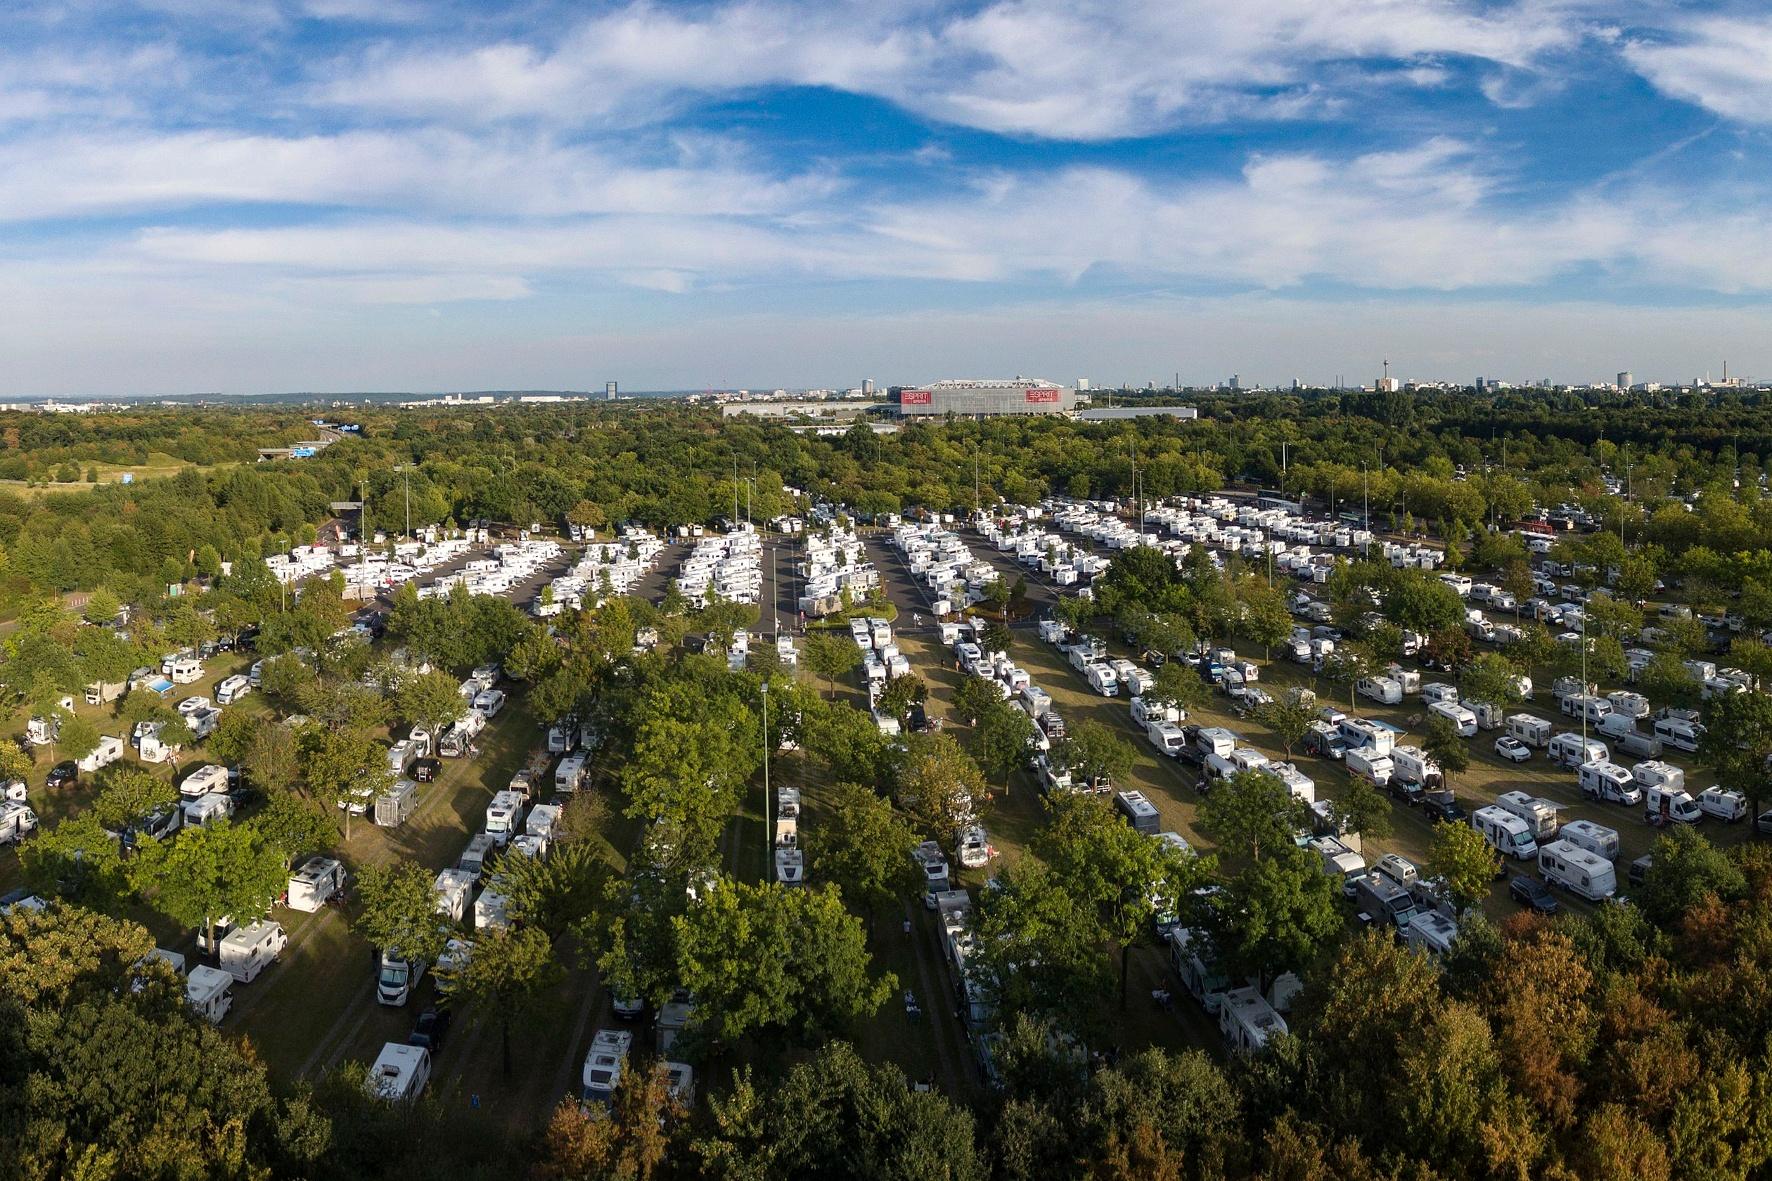 Düsseldorf bietet größten Stellplatz für Reisemobile in Europa